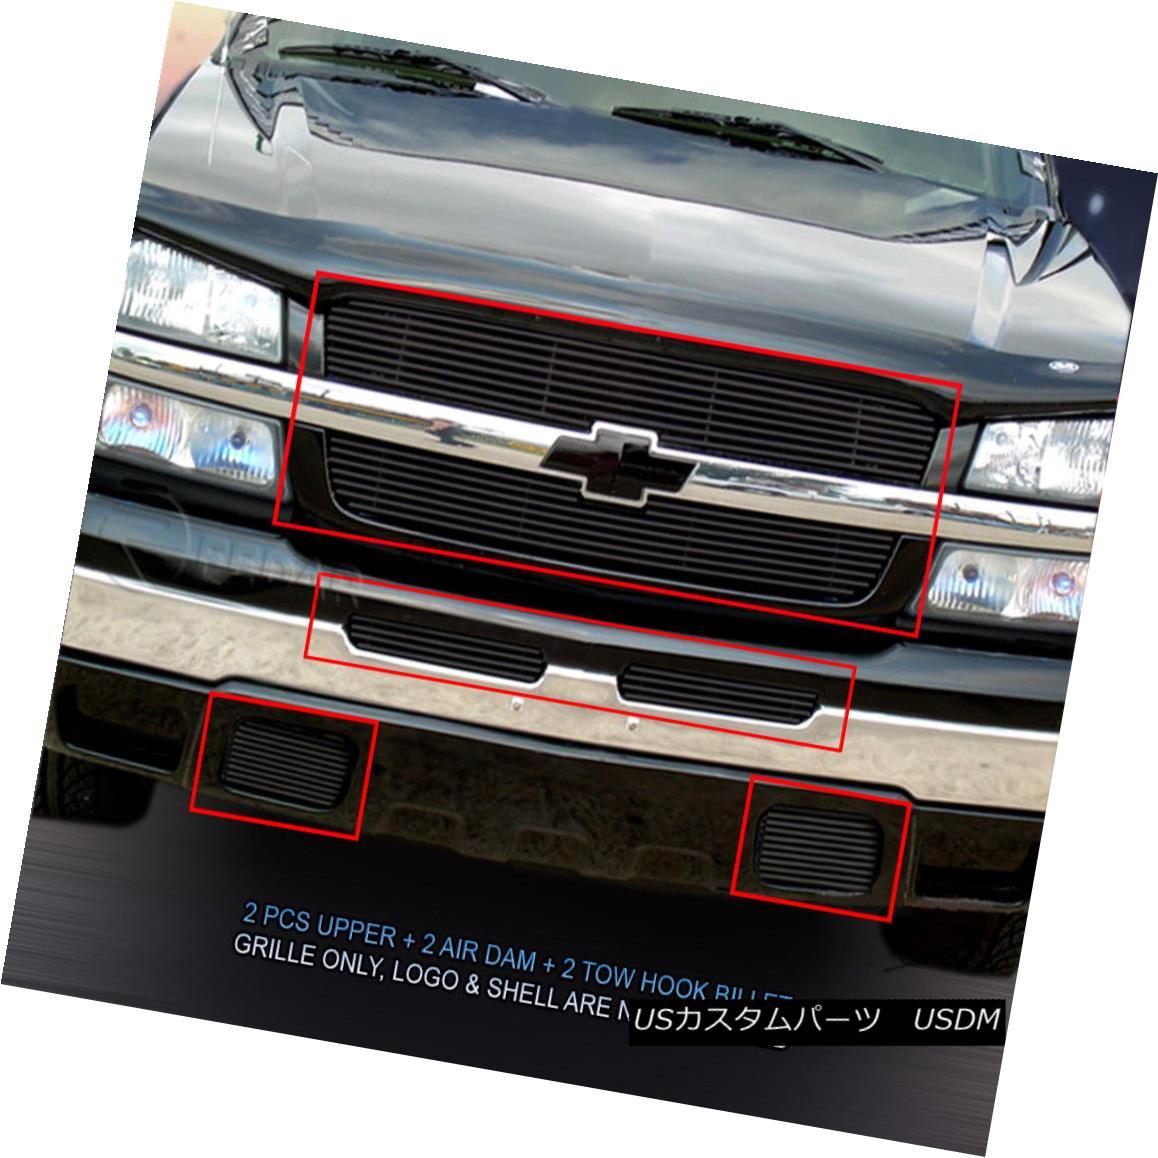 グリル For 03-05 Chevrolwt Silverado Black Billet Grille Combo Grill Insert 6 Pcs Fedar 03-05シボレーシルバラードブラックビレットグリルコンボグリルインサート6個入りFedar